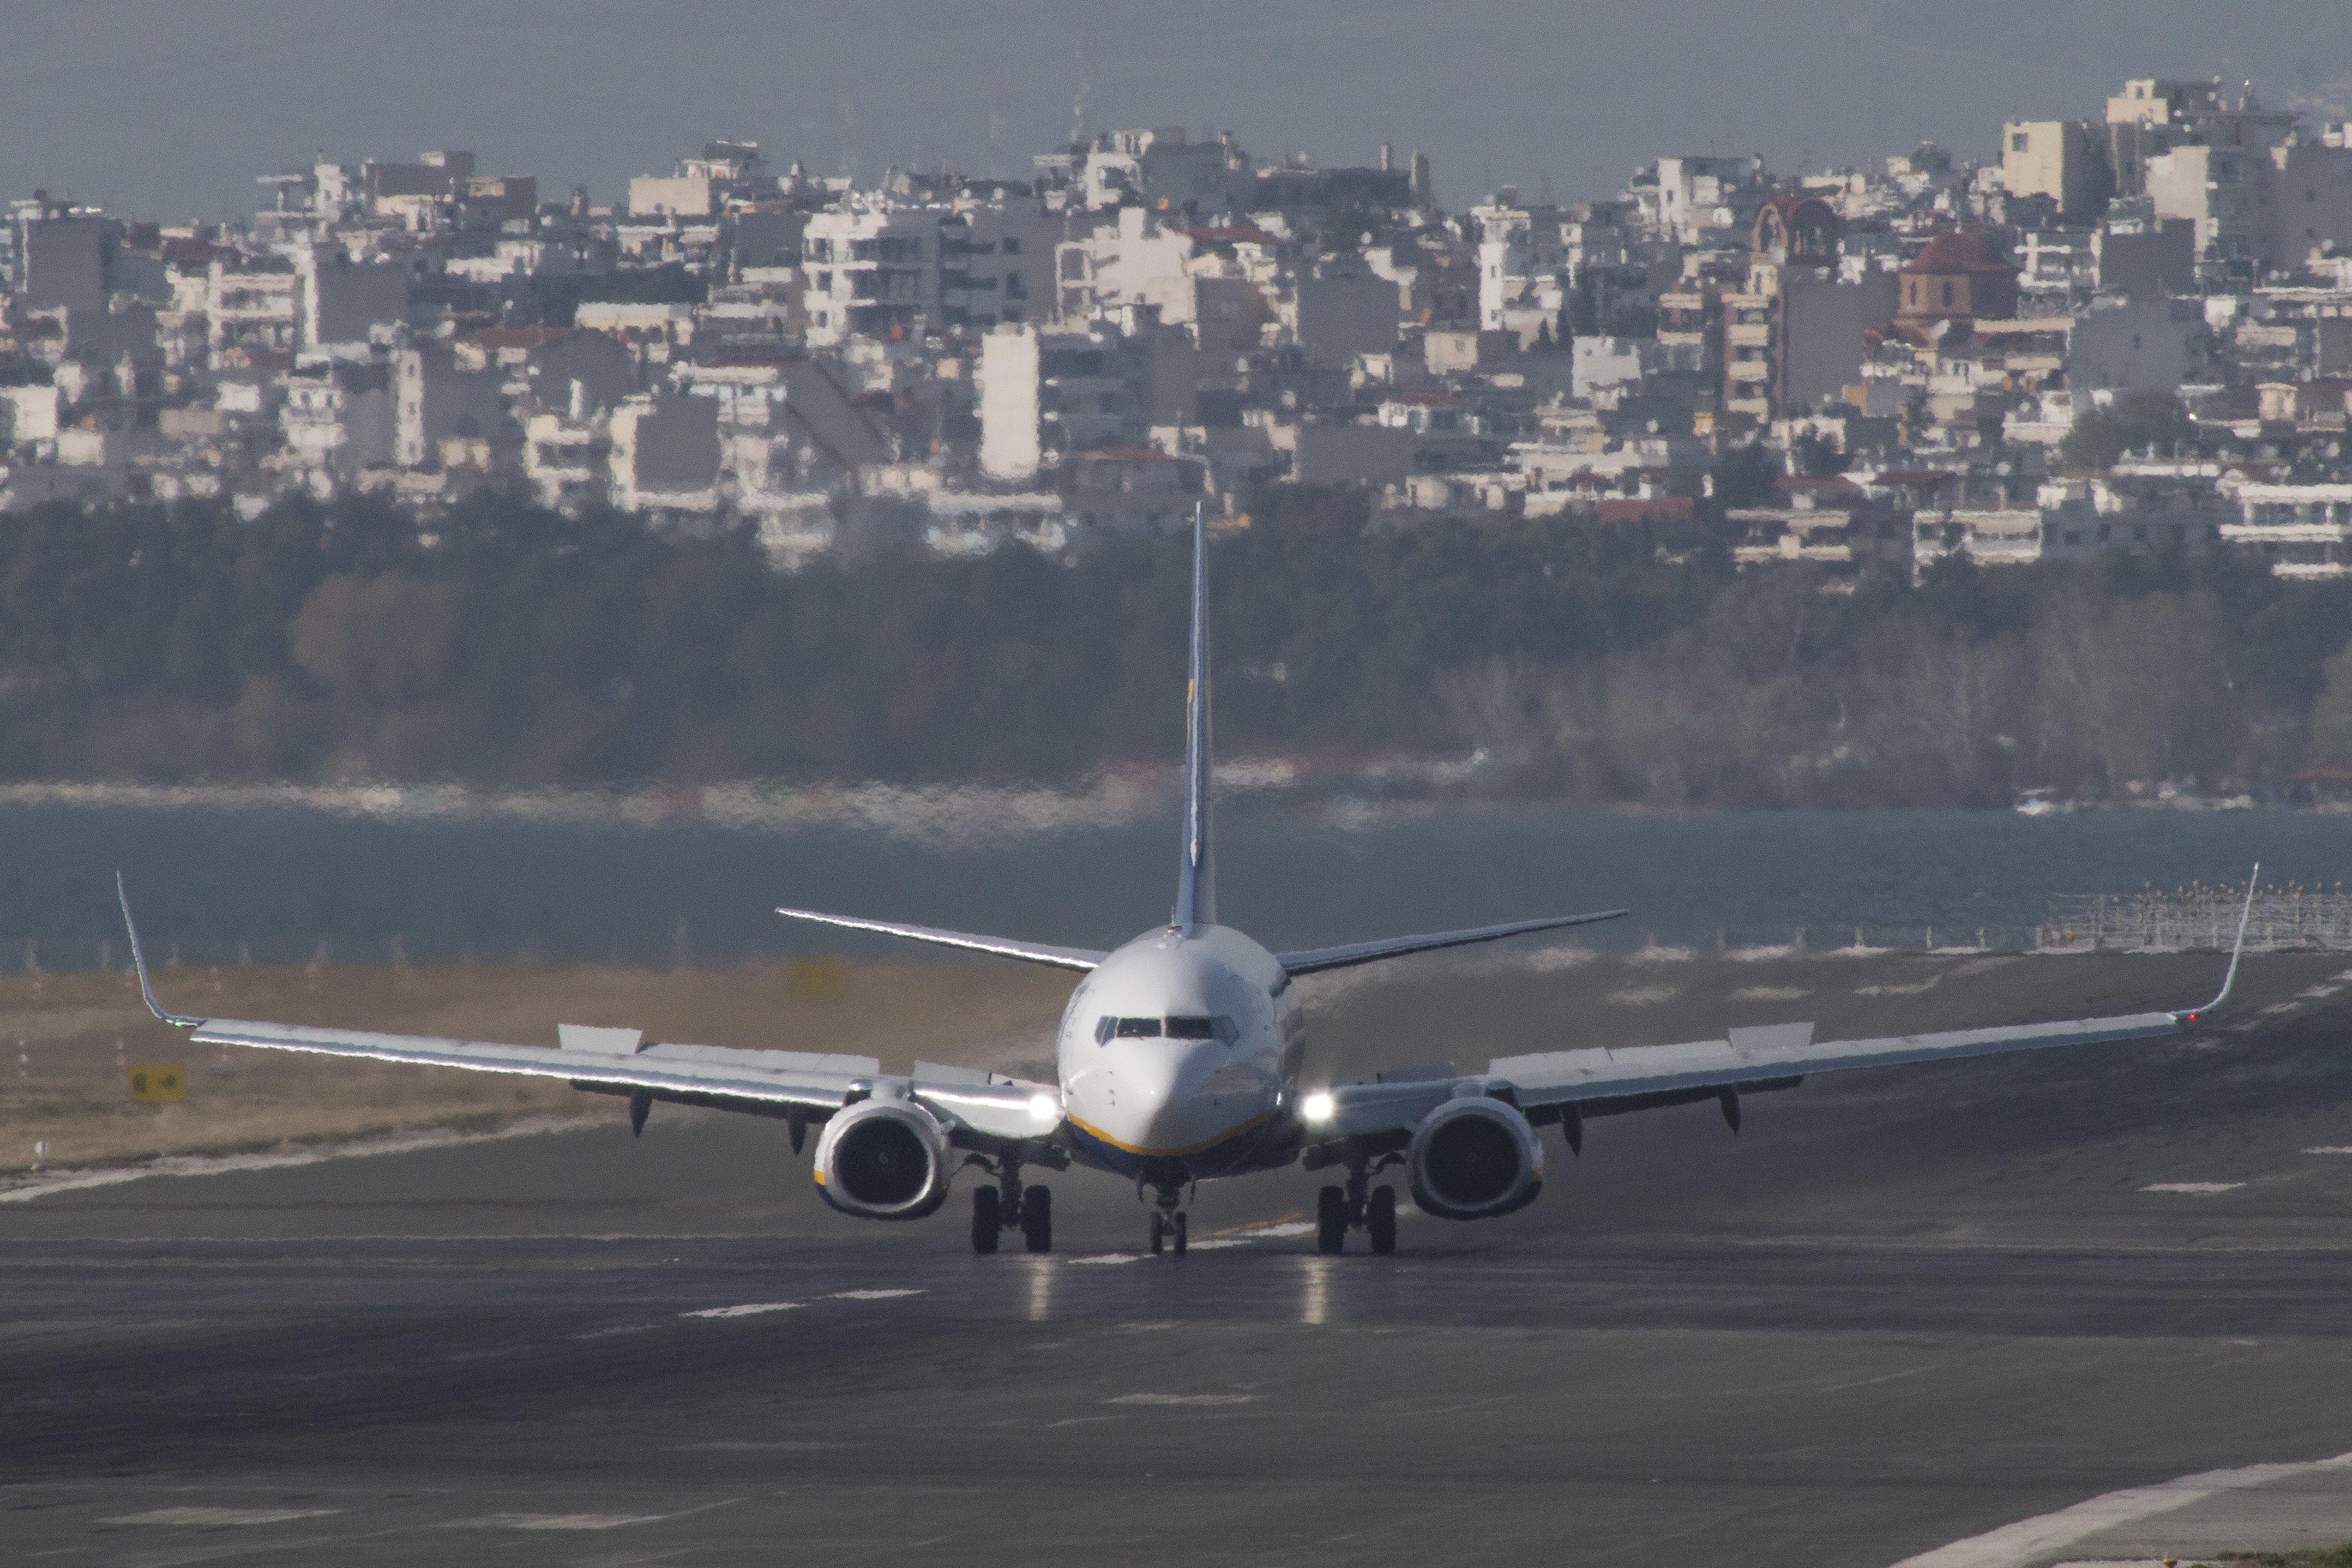 Κίνητρα από τη Fraport Greece για την Ανάπτυξη Νέων Διεθνών Δρομολογίων. Έκπτωση 50% στα αεροναυτιλιακά